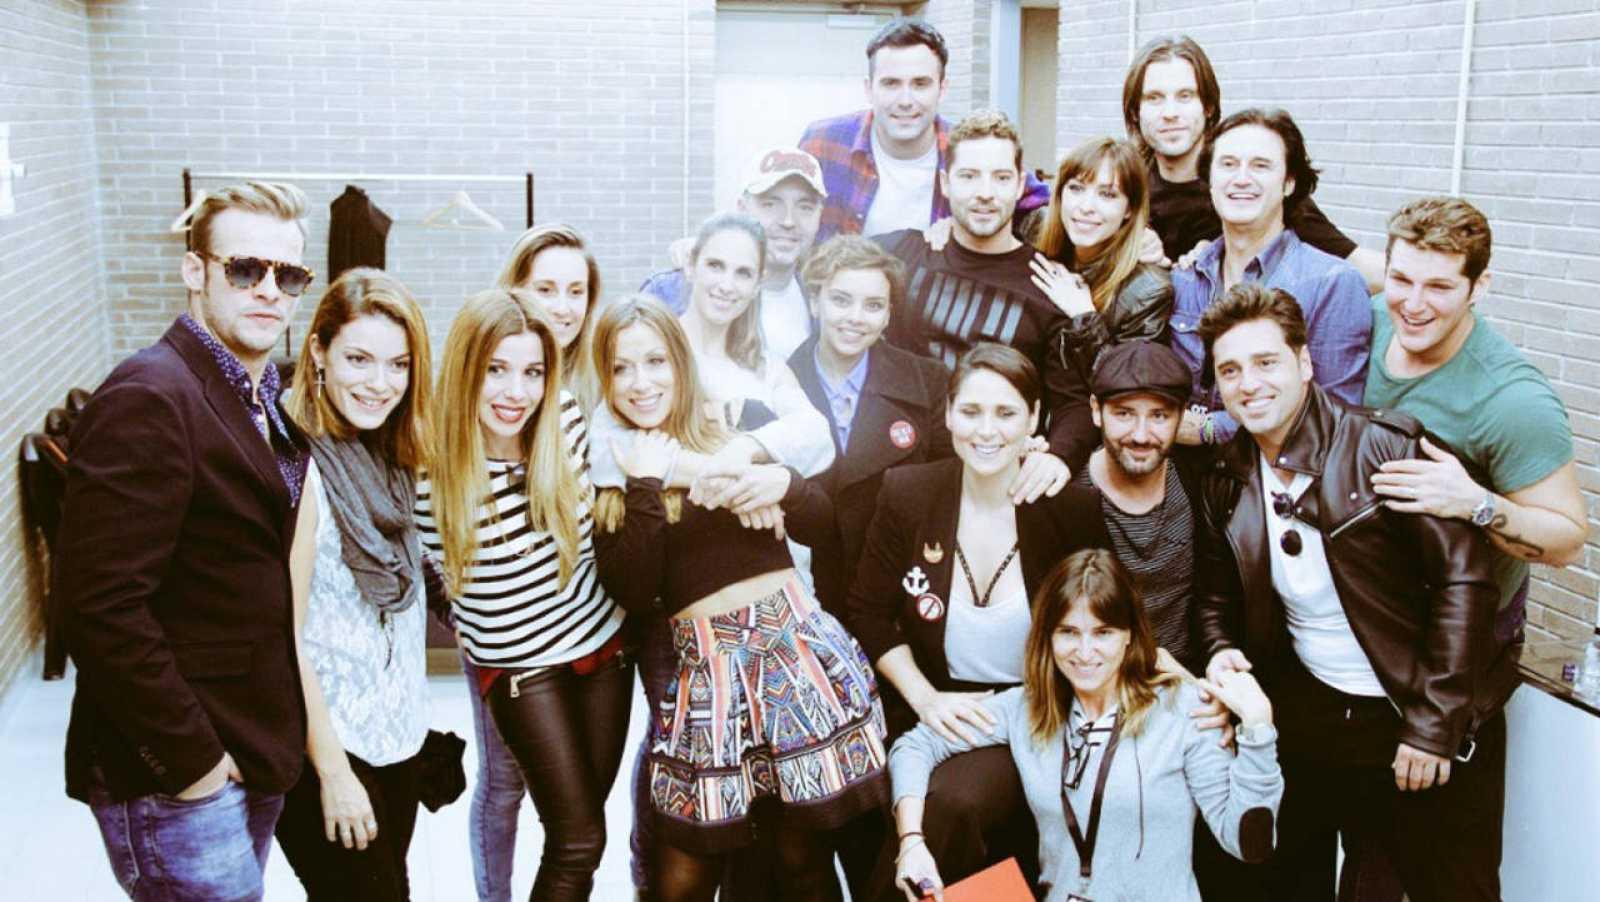 Los concursantes de OT1 antes de los ensayos para el concierto de Barcelona